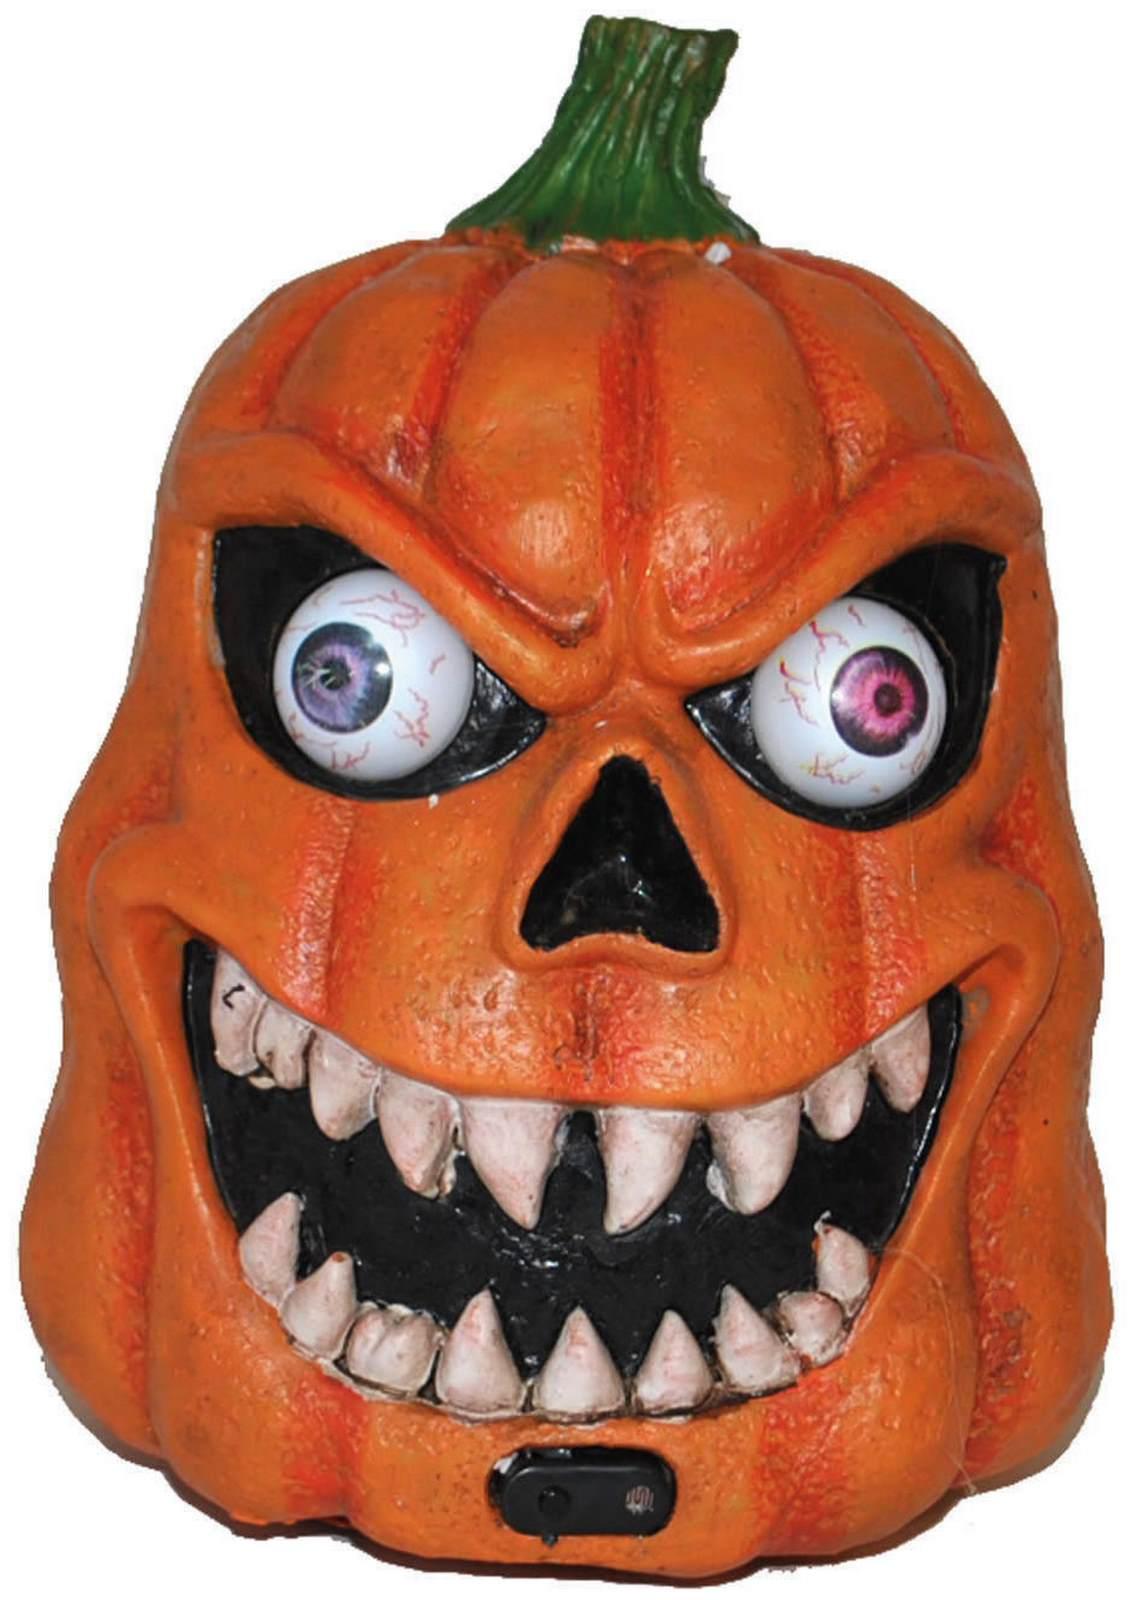 Klapperschlange Animierte Halloween Deko Halloween Horror Dekoration